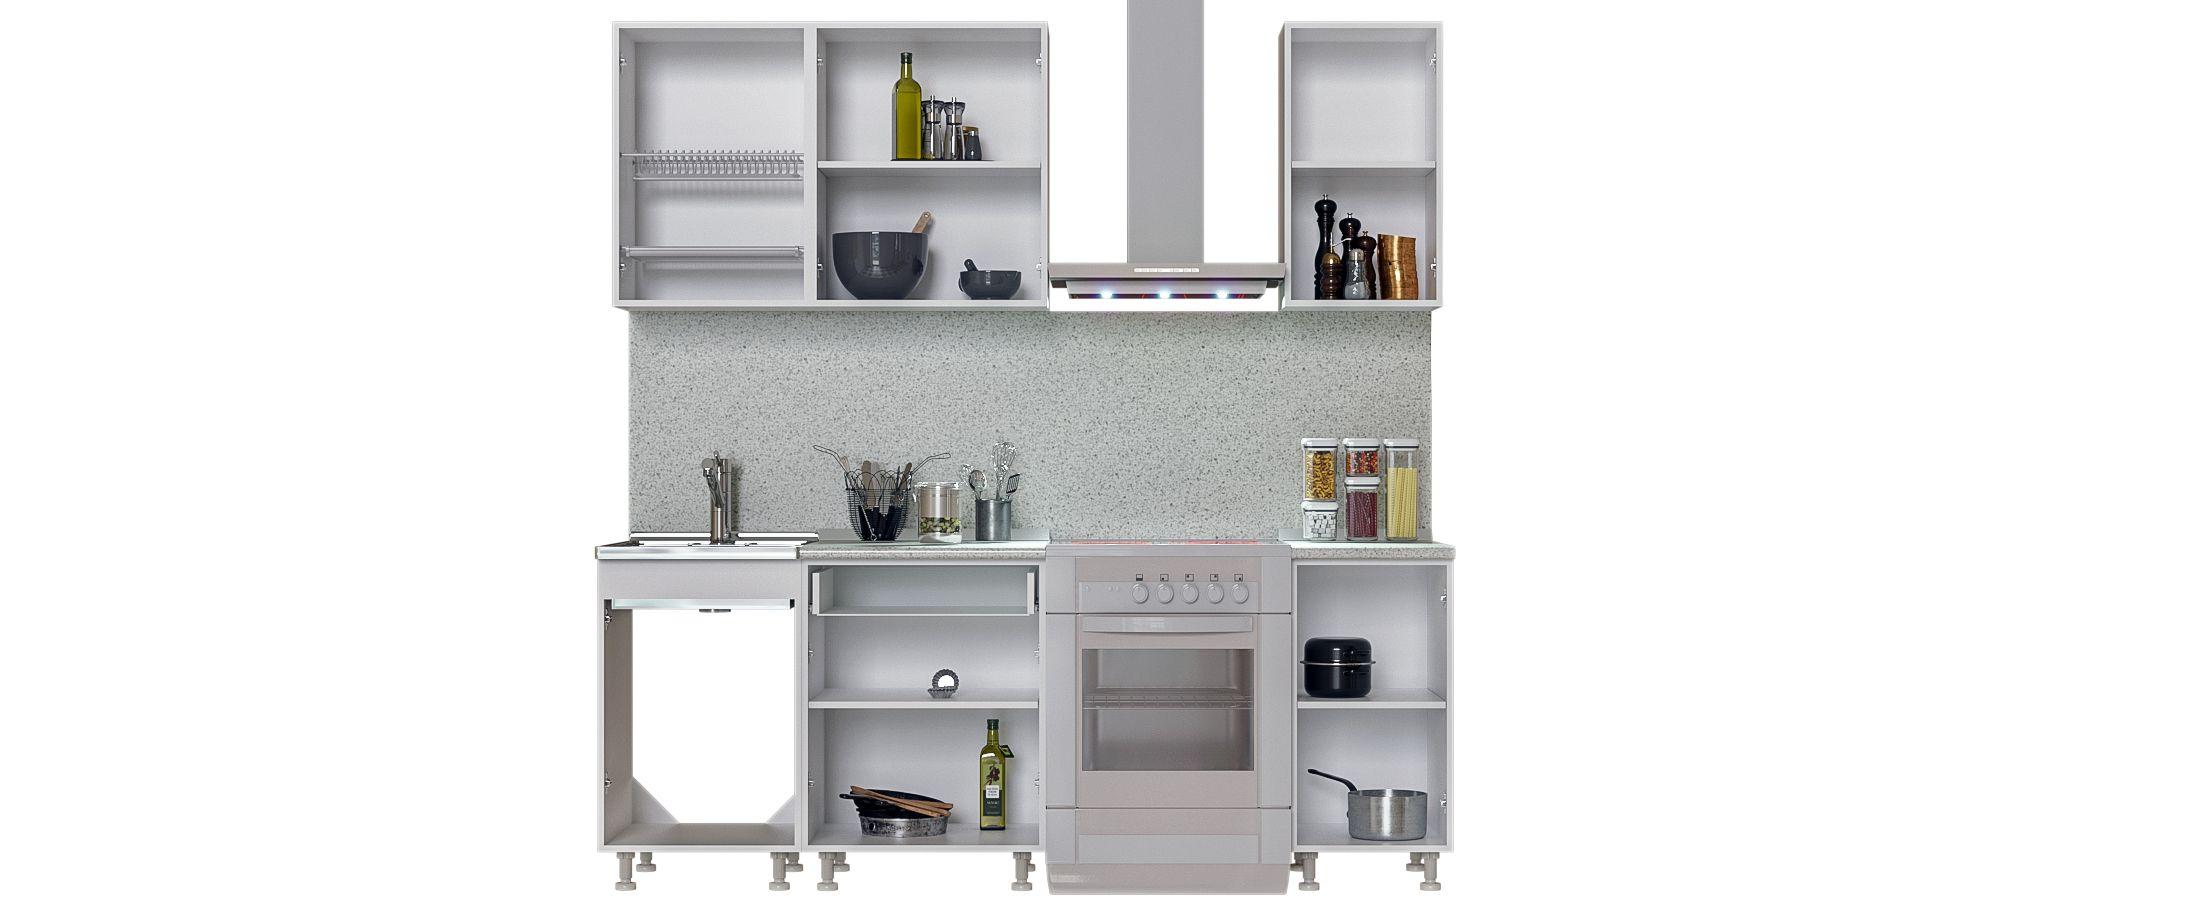 Кухня Дуб натуральный 1,5 мКупить удобный и практичный набор кухонного гарнитура в интернет магазине MOON TRADE. Быстрая доставка, вынос упаковки, гарантия! Выгодная покупка!<br><br>Ширина см: 150<br>Глубина см: 60<br>Высота см: 82<br>Материал столешницы: ЛДСП с пленкой ПВХ<br>Цвет столешницы: Асфальт белый<br>Материал фасада: МДФ<br>Цвет фасада: Дуб натуральный<br>Материал корпуса: ЛДСП<br>Тип направляющих: Роликовые<br>Цвет корпуса: Белый